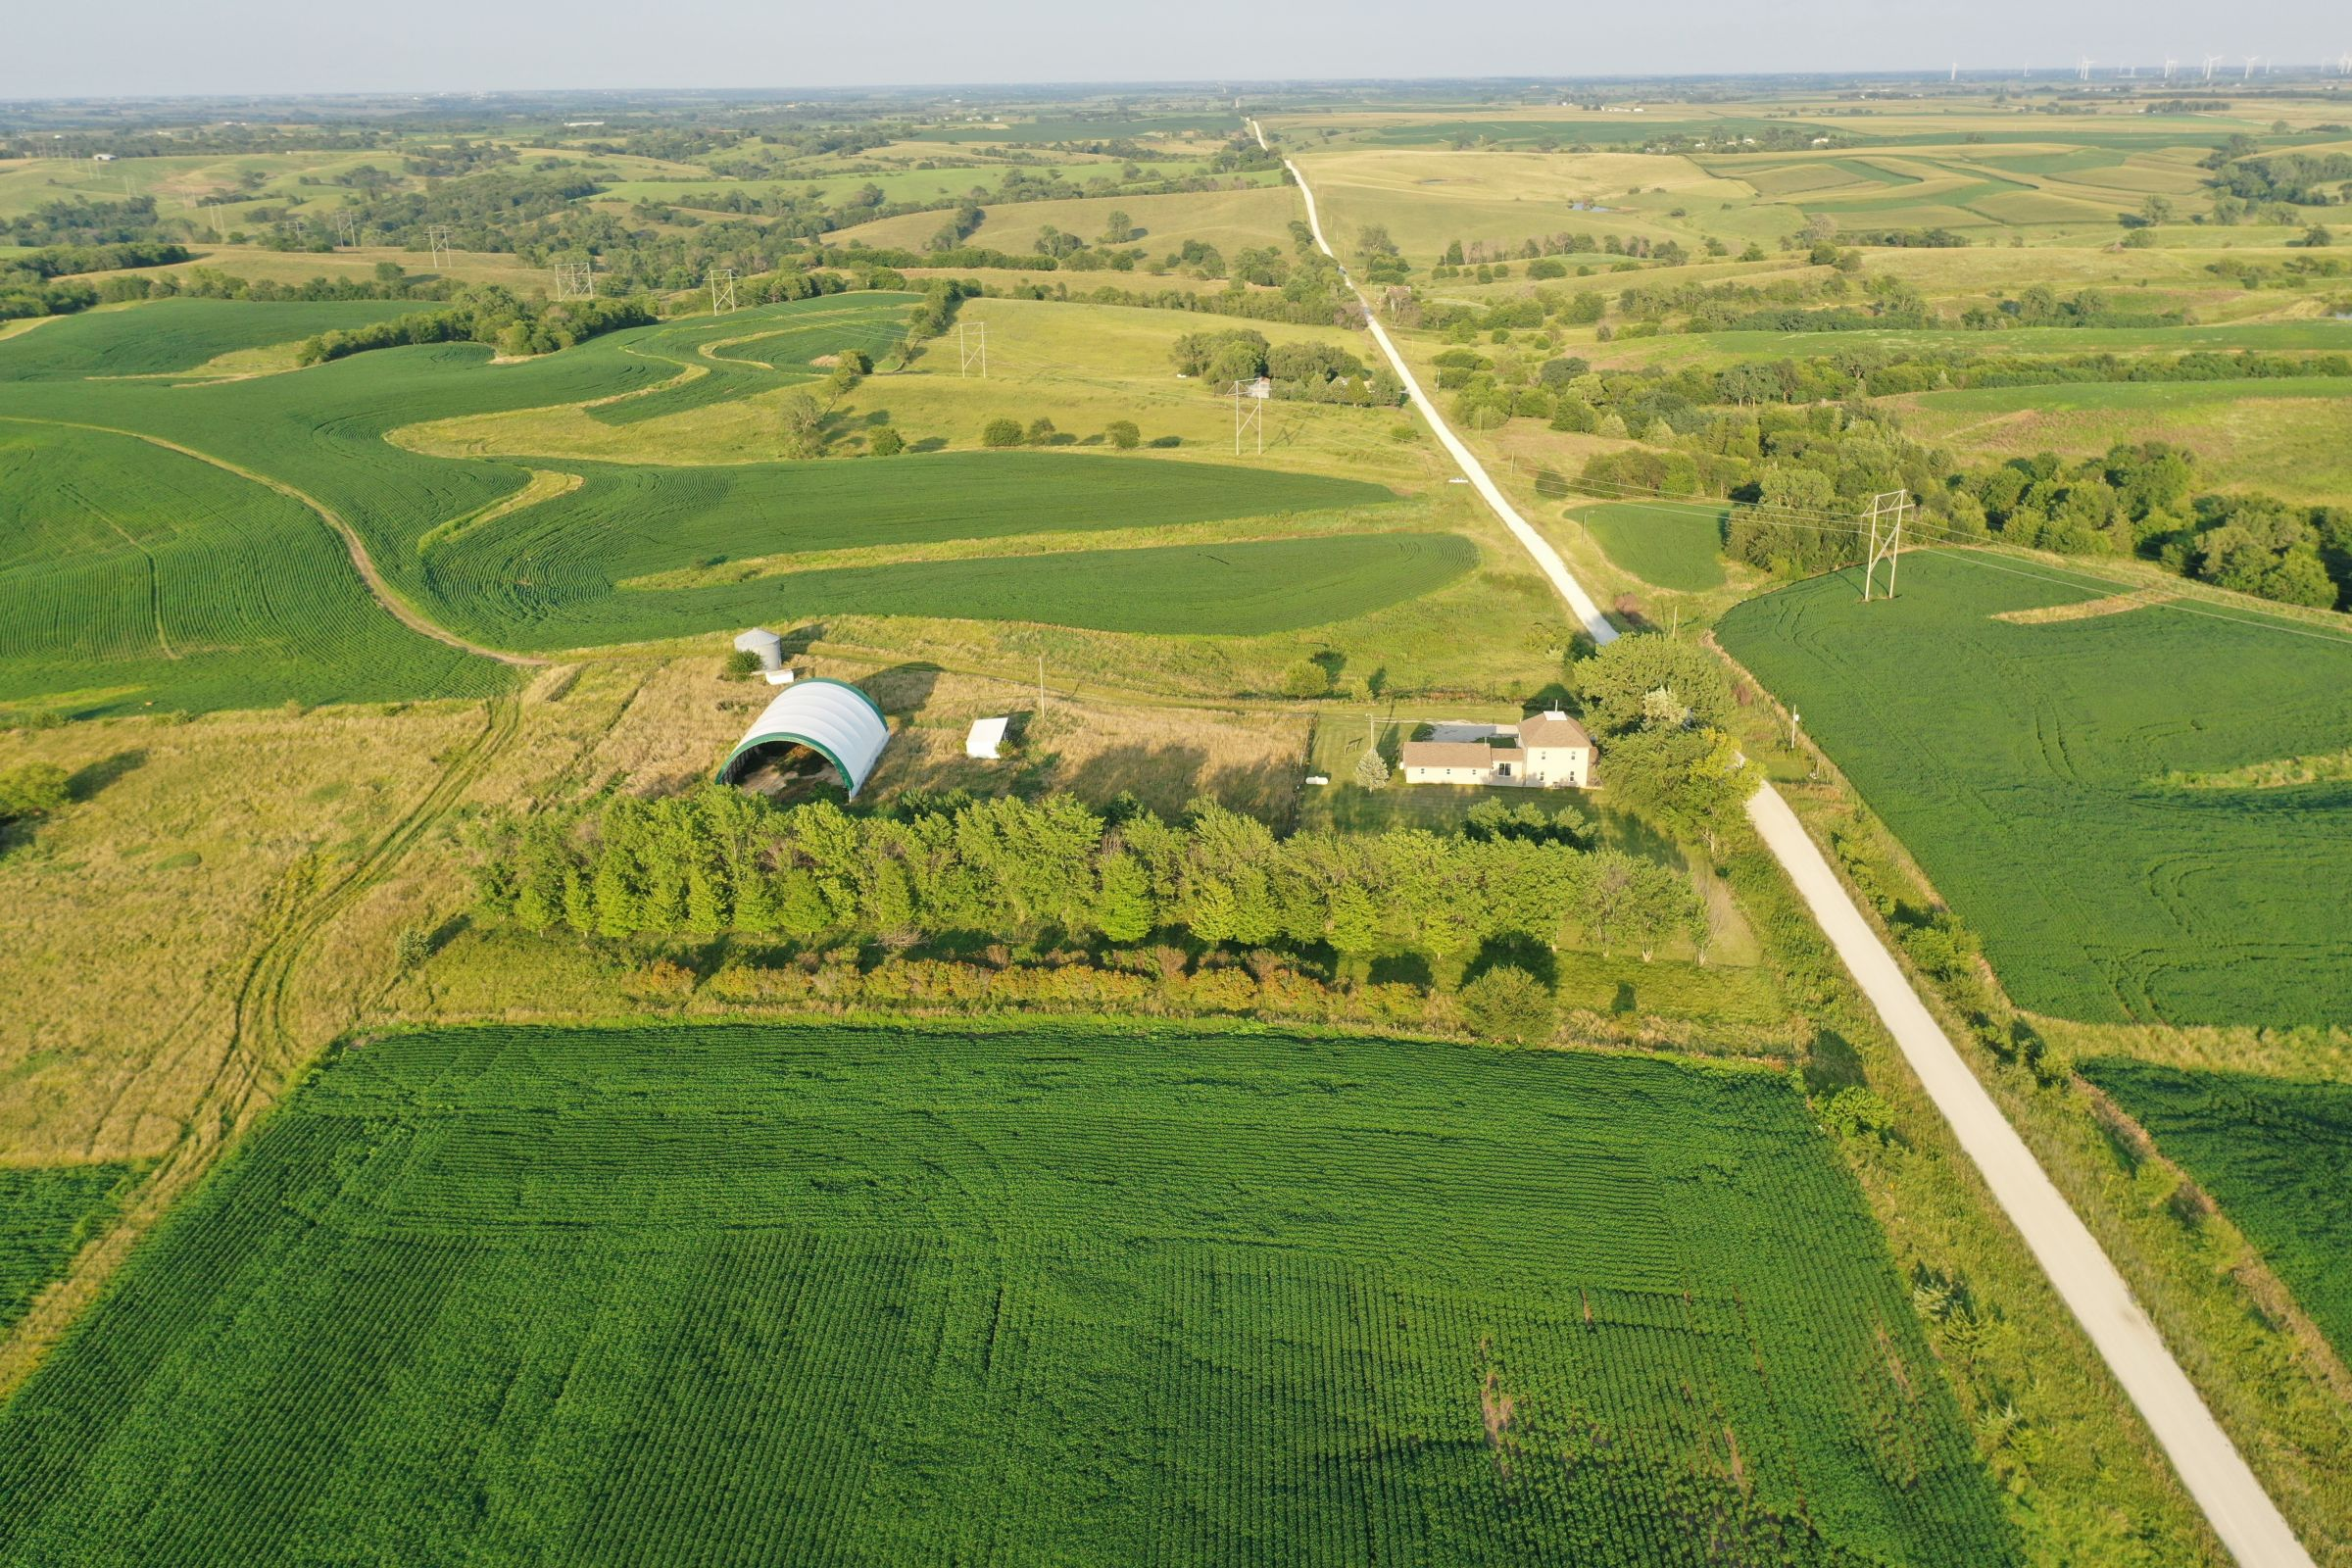 residential-adair-county-iowa-6-acres-listing-number-15664-1-2021-08-04-193339.JPG